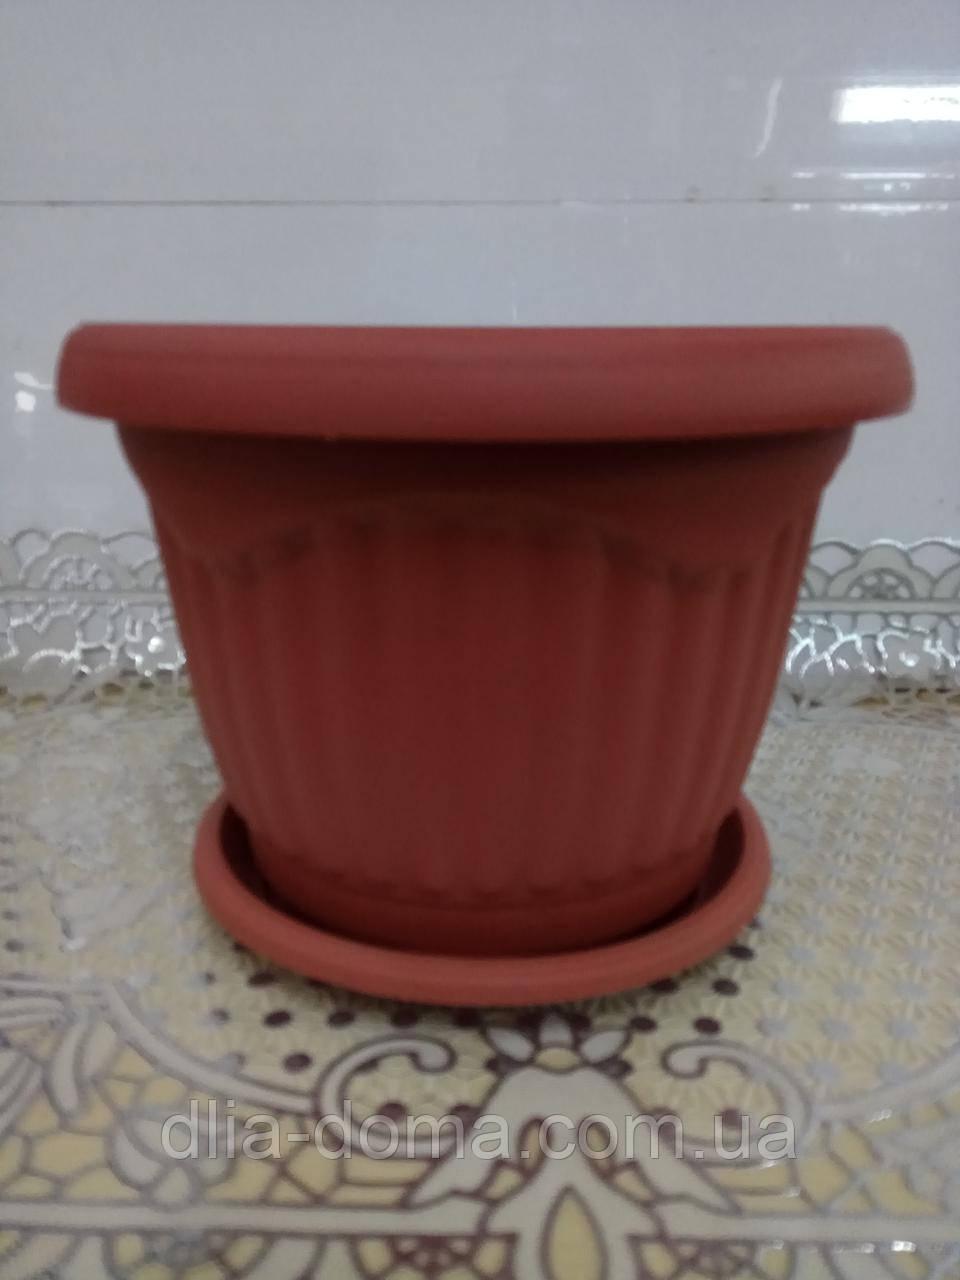 Цветочный горшок Волна, диаметр 20,5см,5602